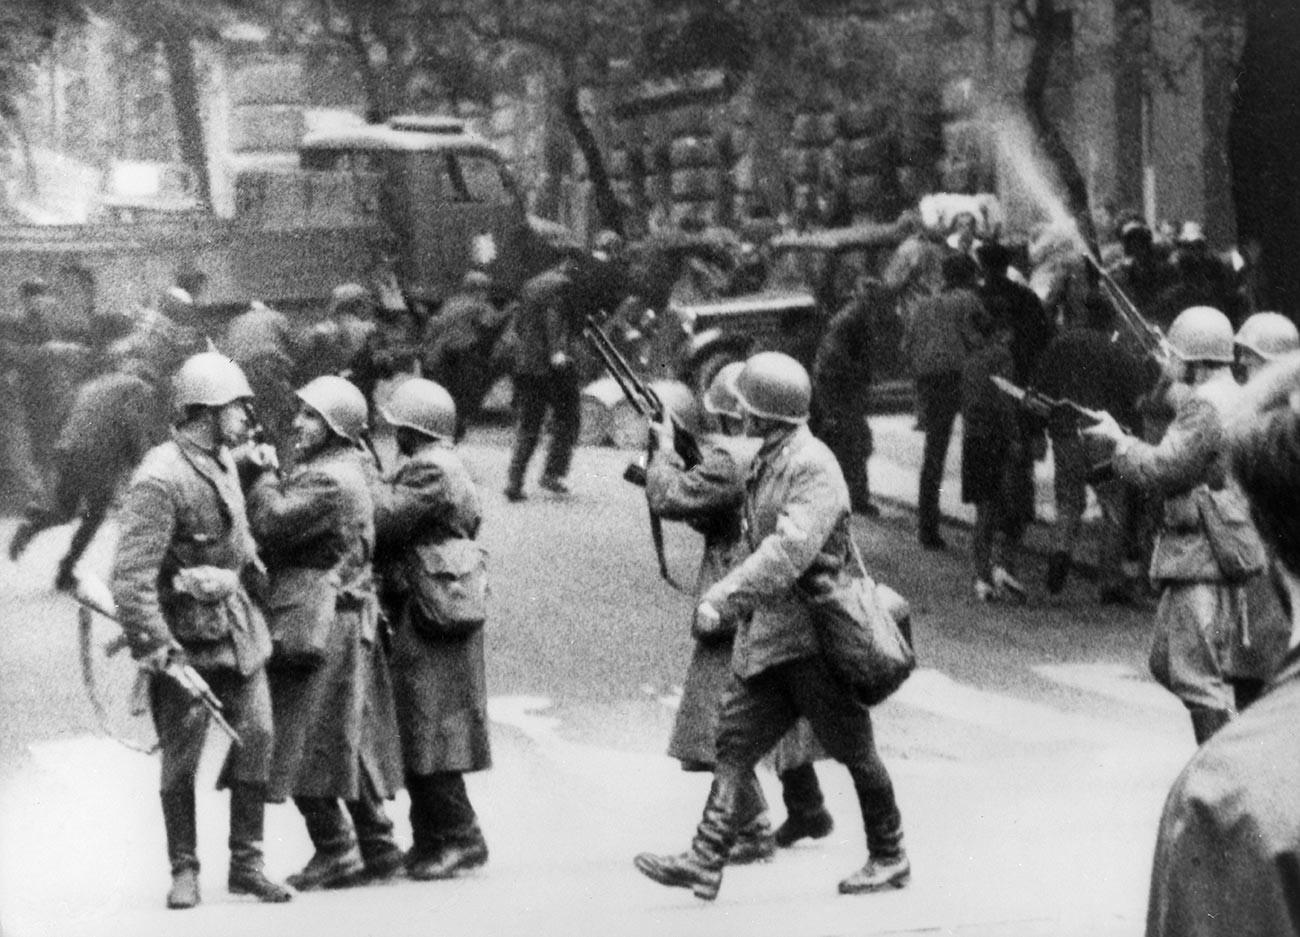 Прашко пролеће – Сузбијање инвазије трупа земаља Варшавског пакта на Чехословачку.